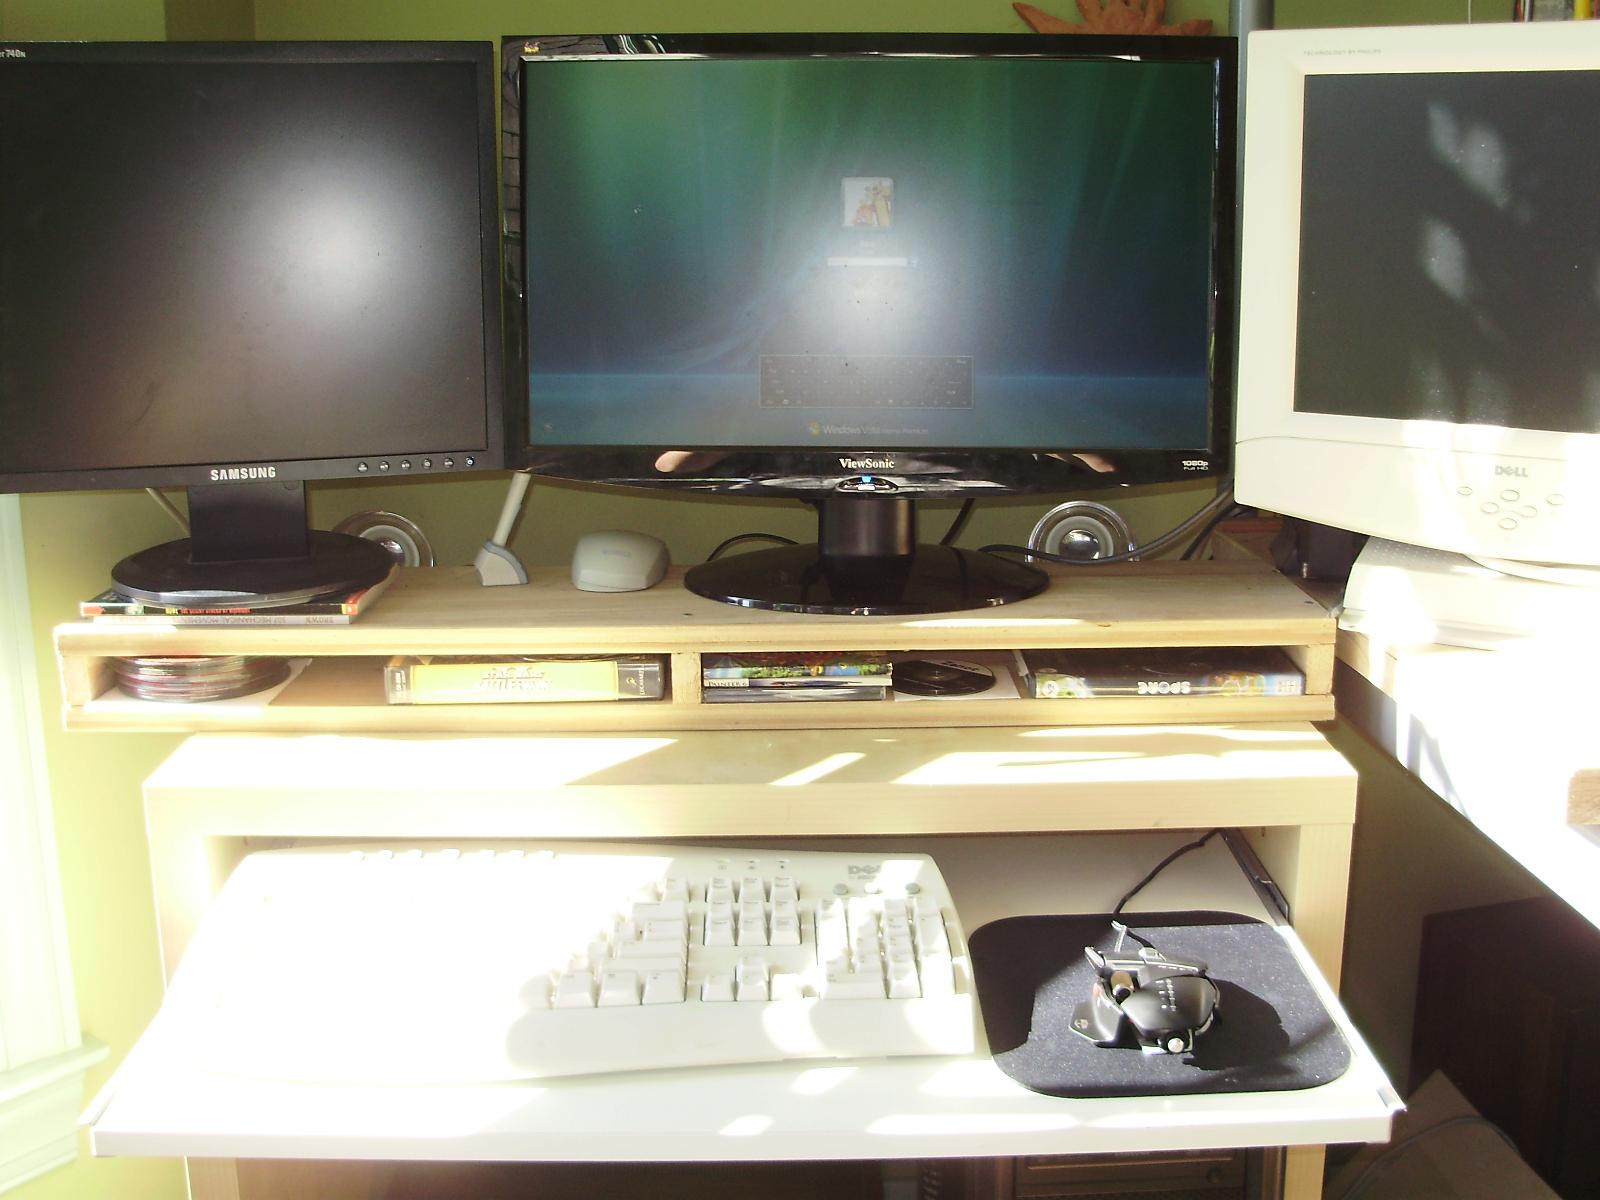 buildits triple monitors. Black Bedroom Furniture Sets. Home Design Ideas